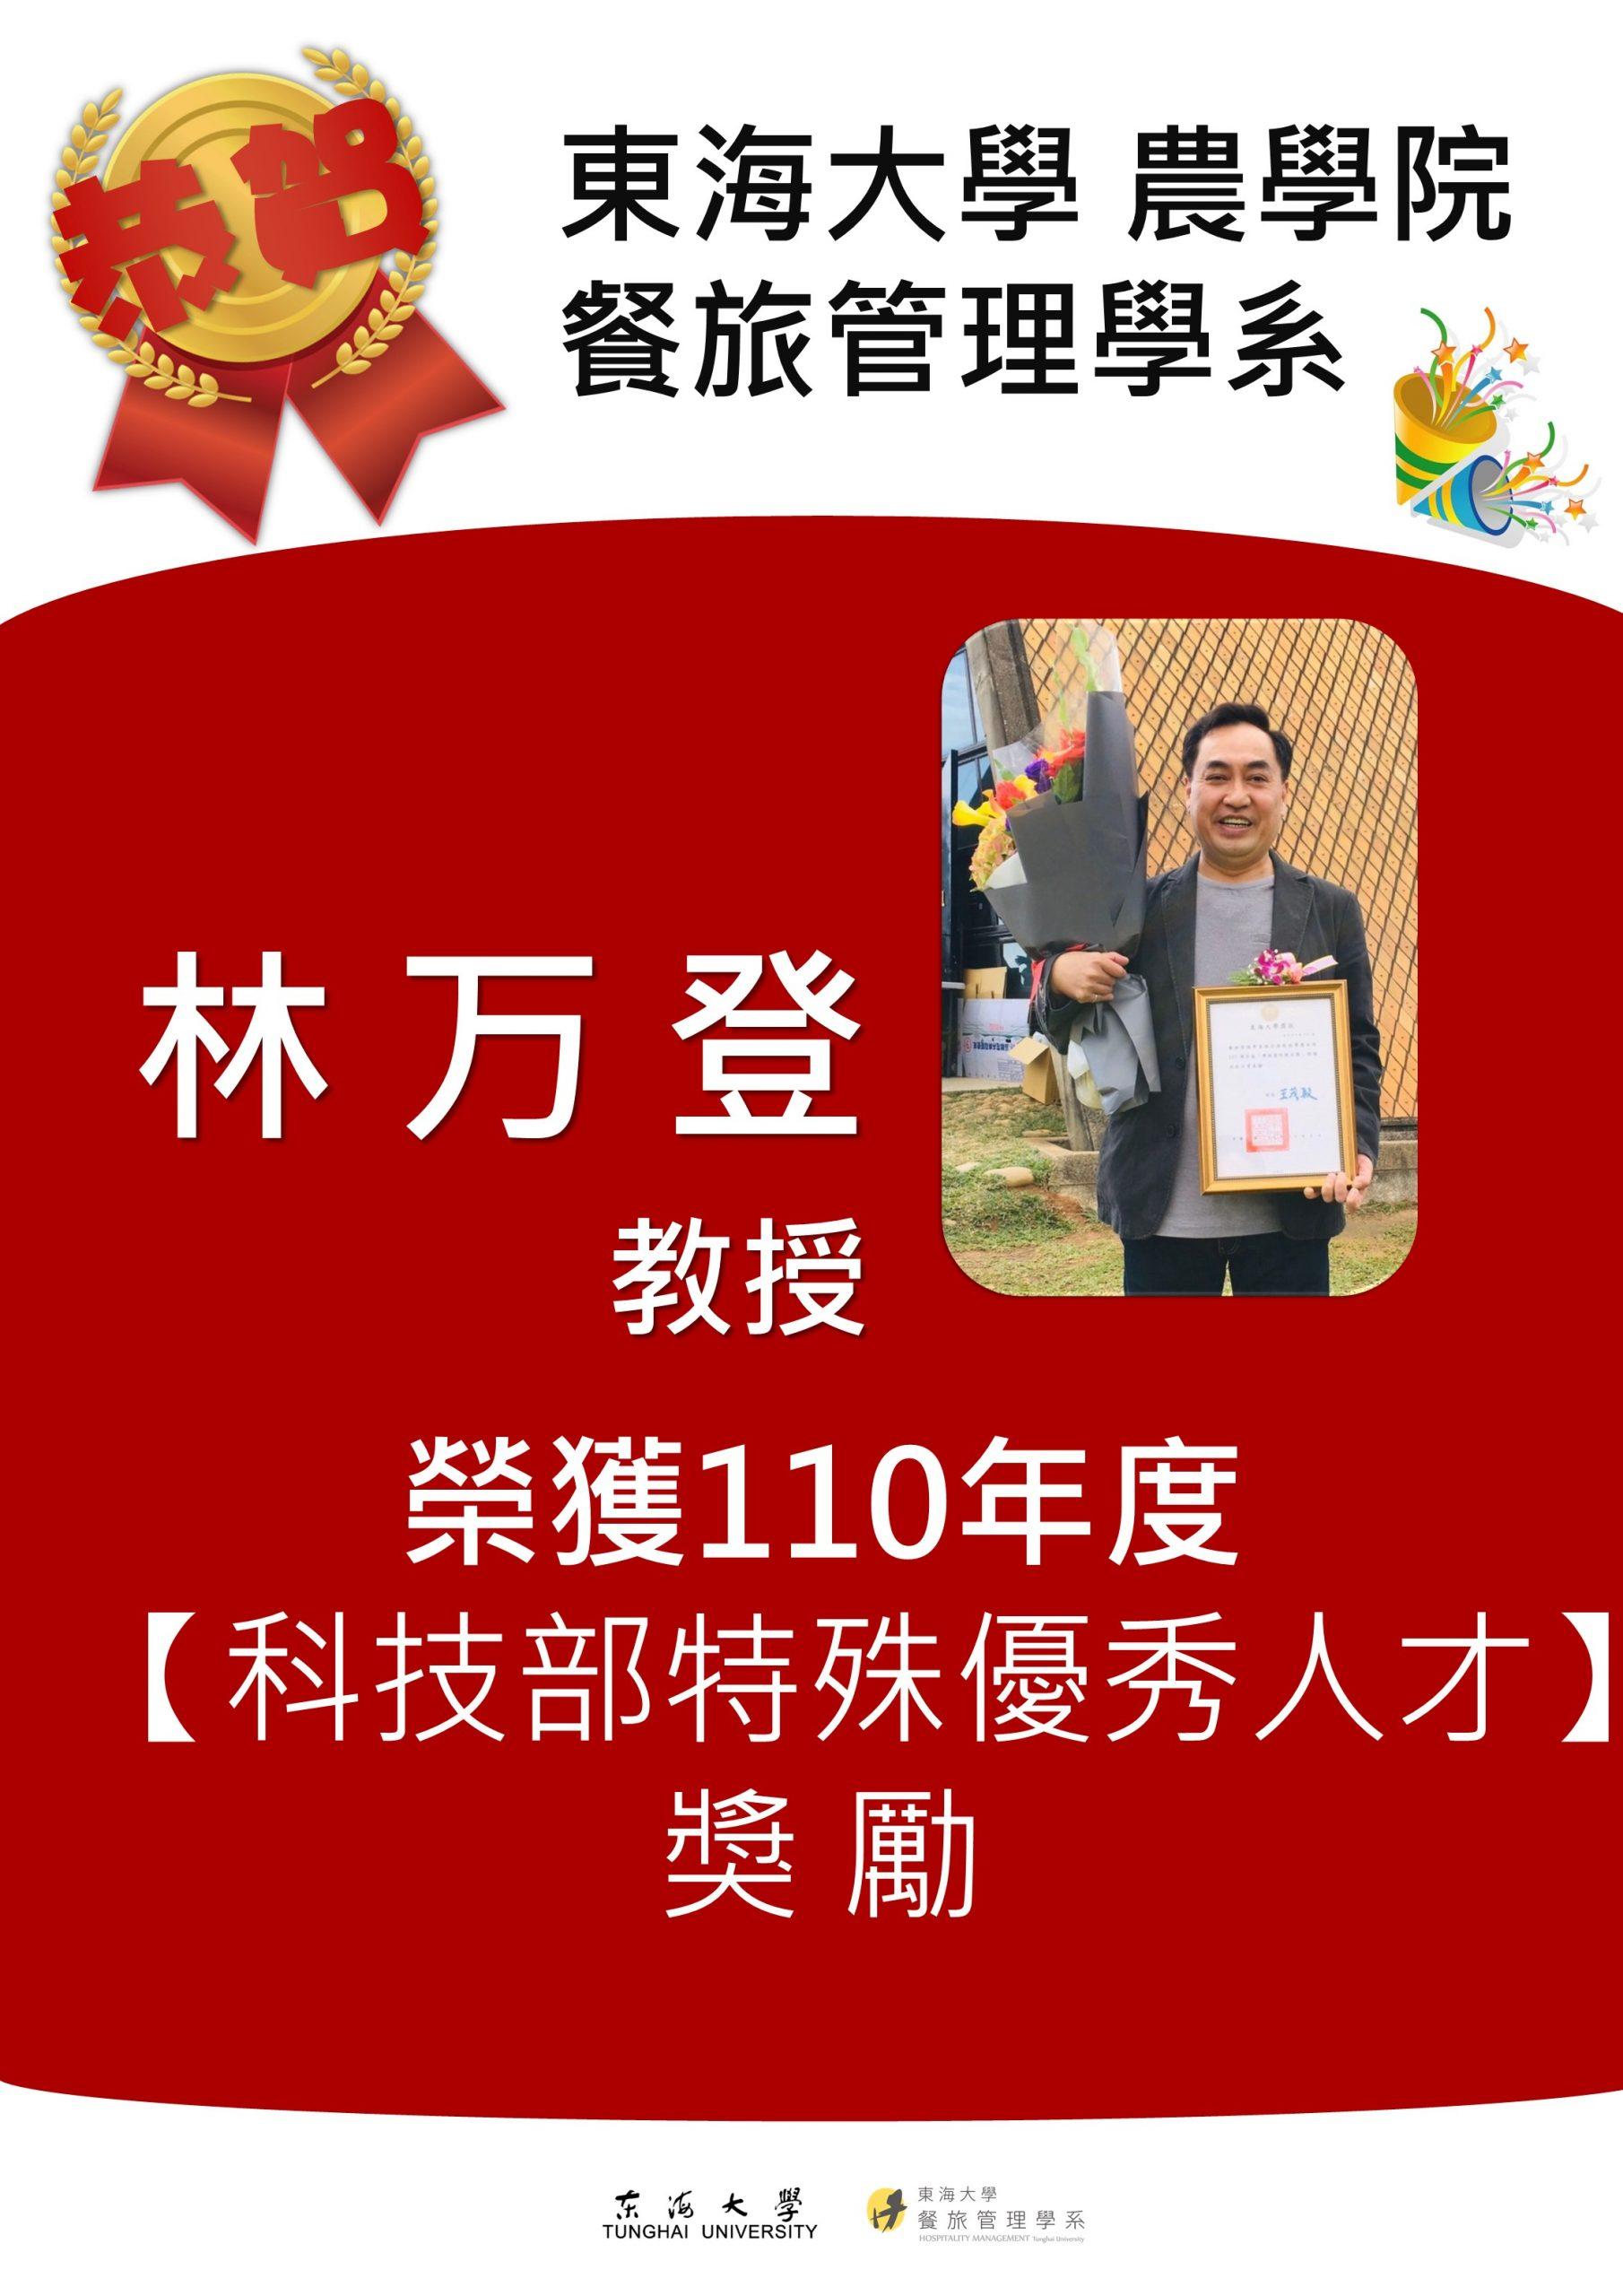 恭賀 本系林万登老師榮獲110 年度科技部特殊優秀人才獎勵